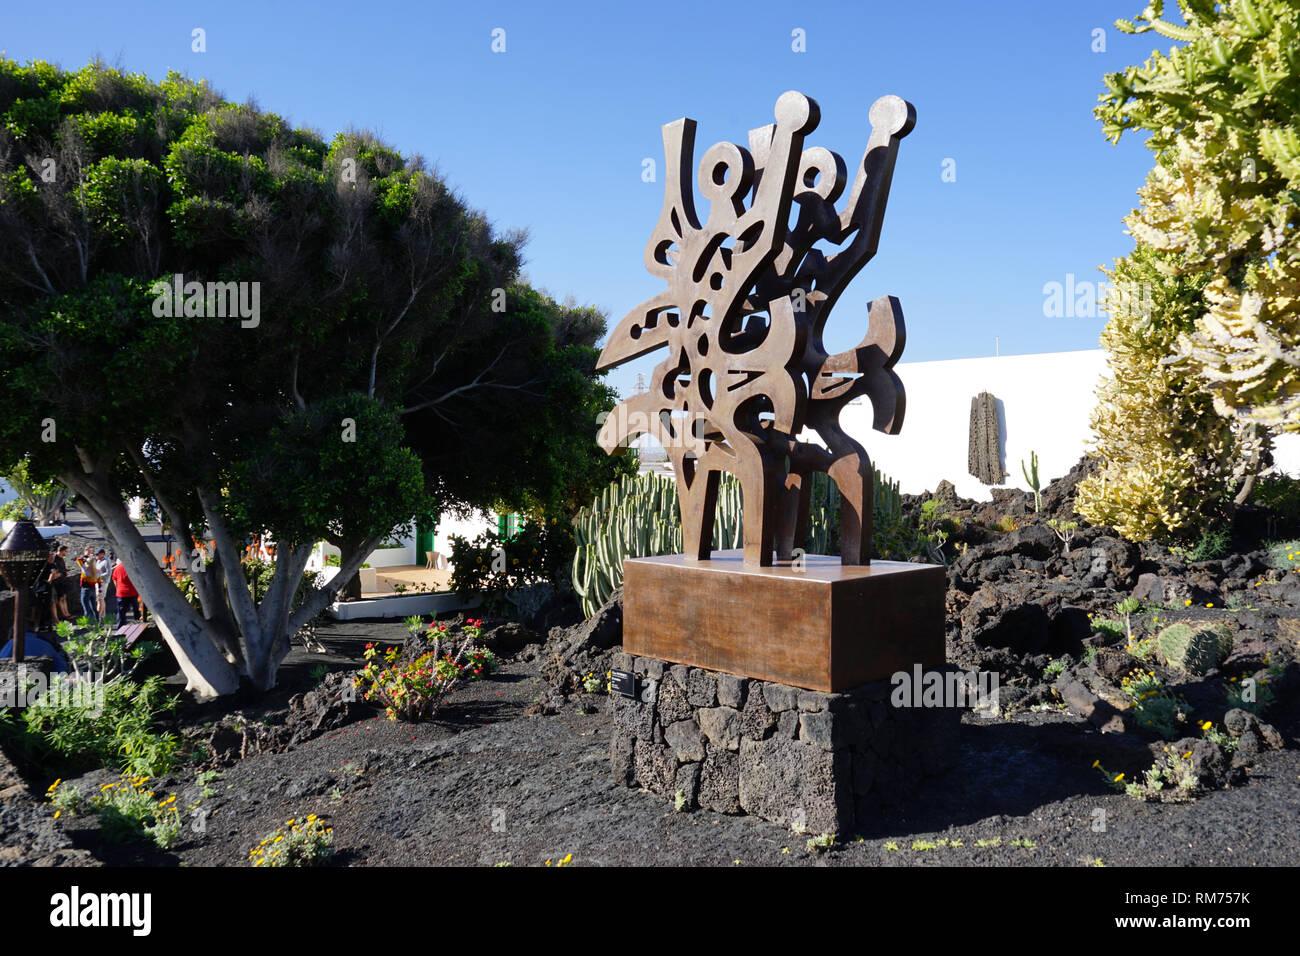 El triunfador, Skulptur im Garten der Fundación César Manrique,  Museum, Tahiche, Lanzarote, Kanarische Inseln, Spanien - Stock Image